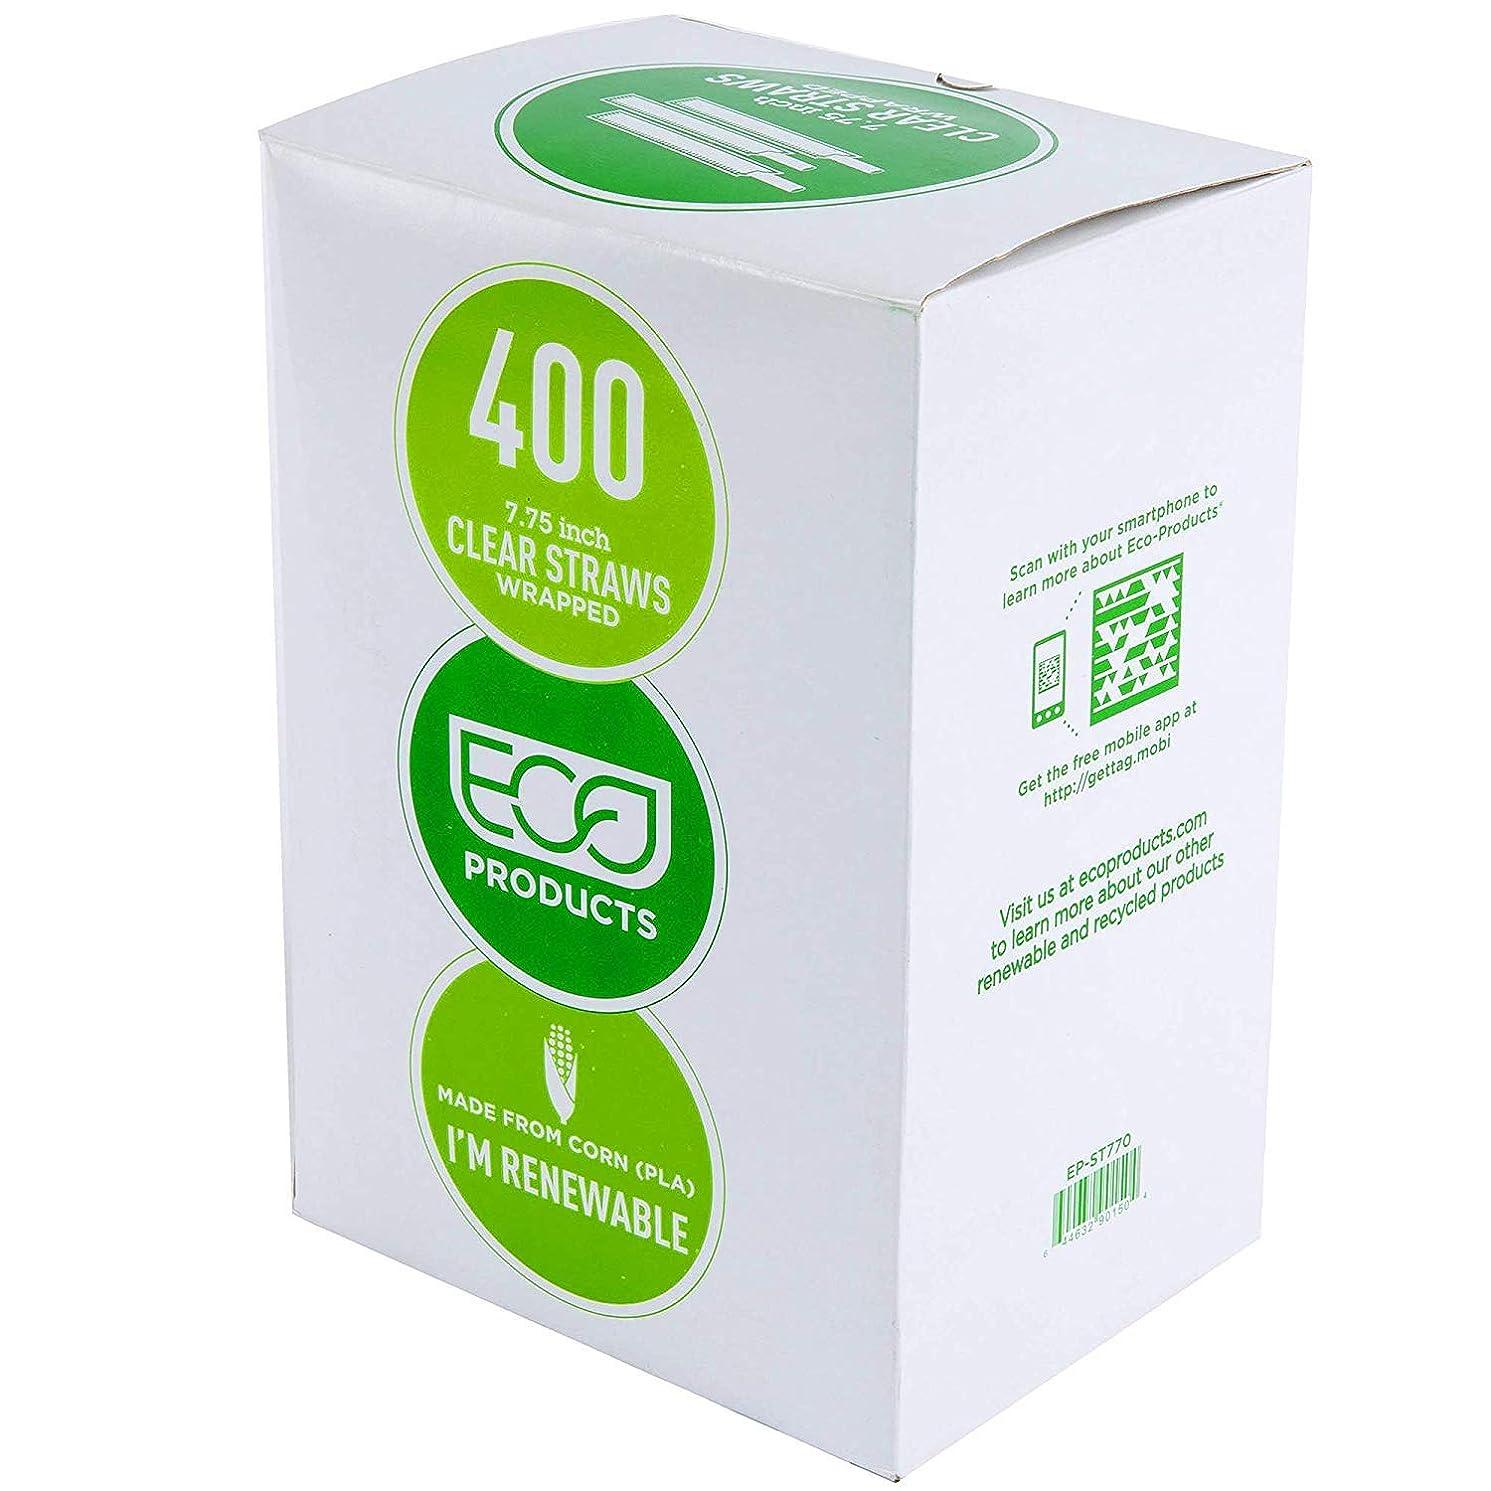 トーナメント松パワー生分解性ストロークリア グリーンストリップ付き 7 3/4インチ 包装なし 400個パック 100% エコフレンドリー 使い捨て生分解性